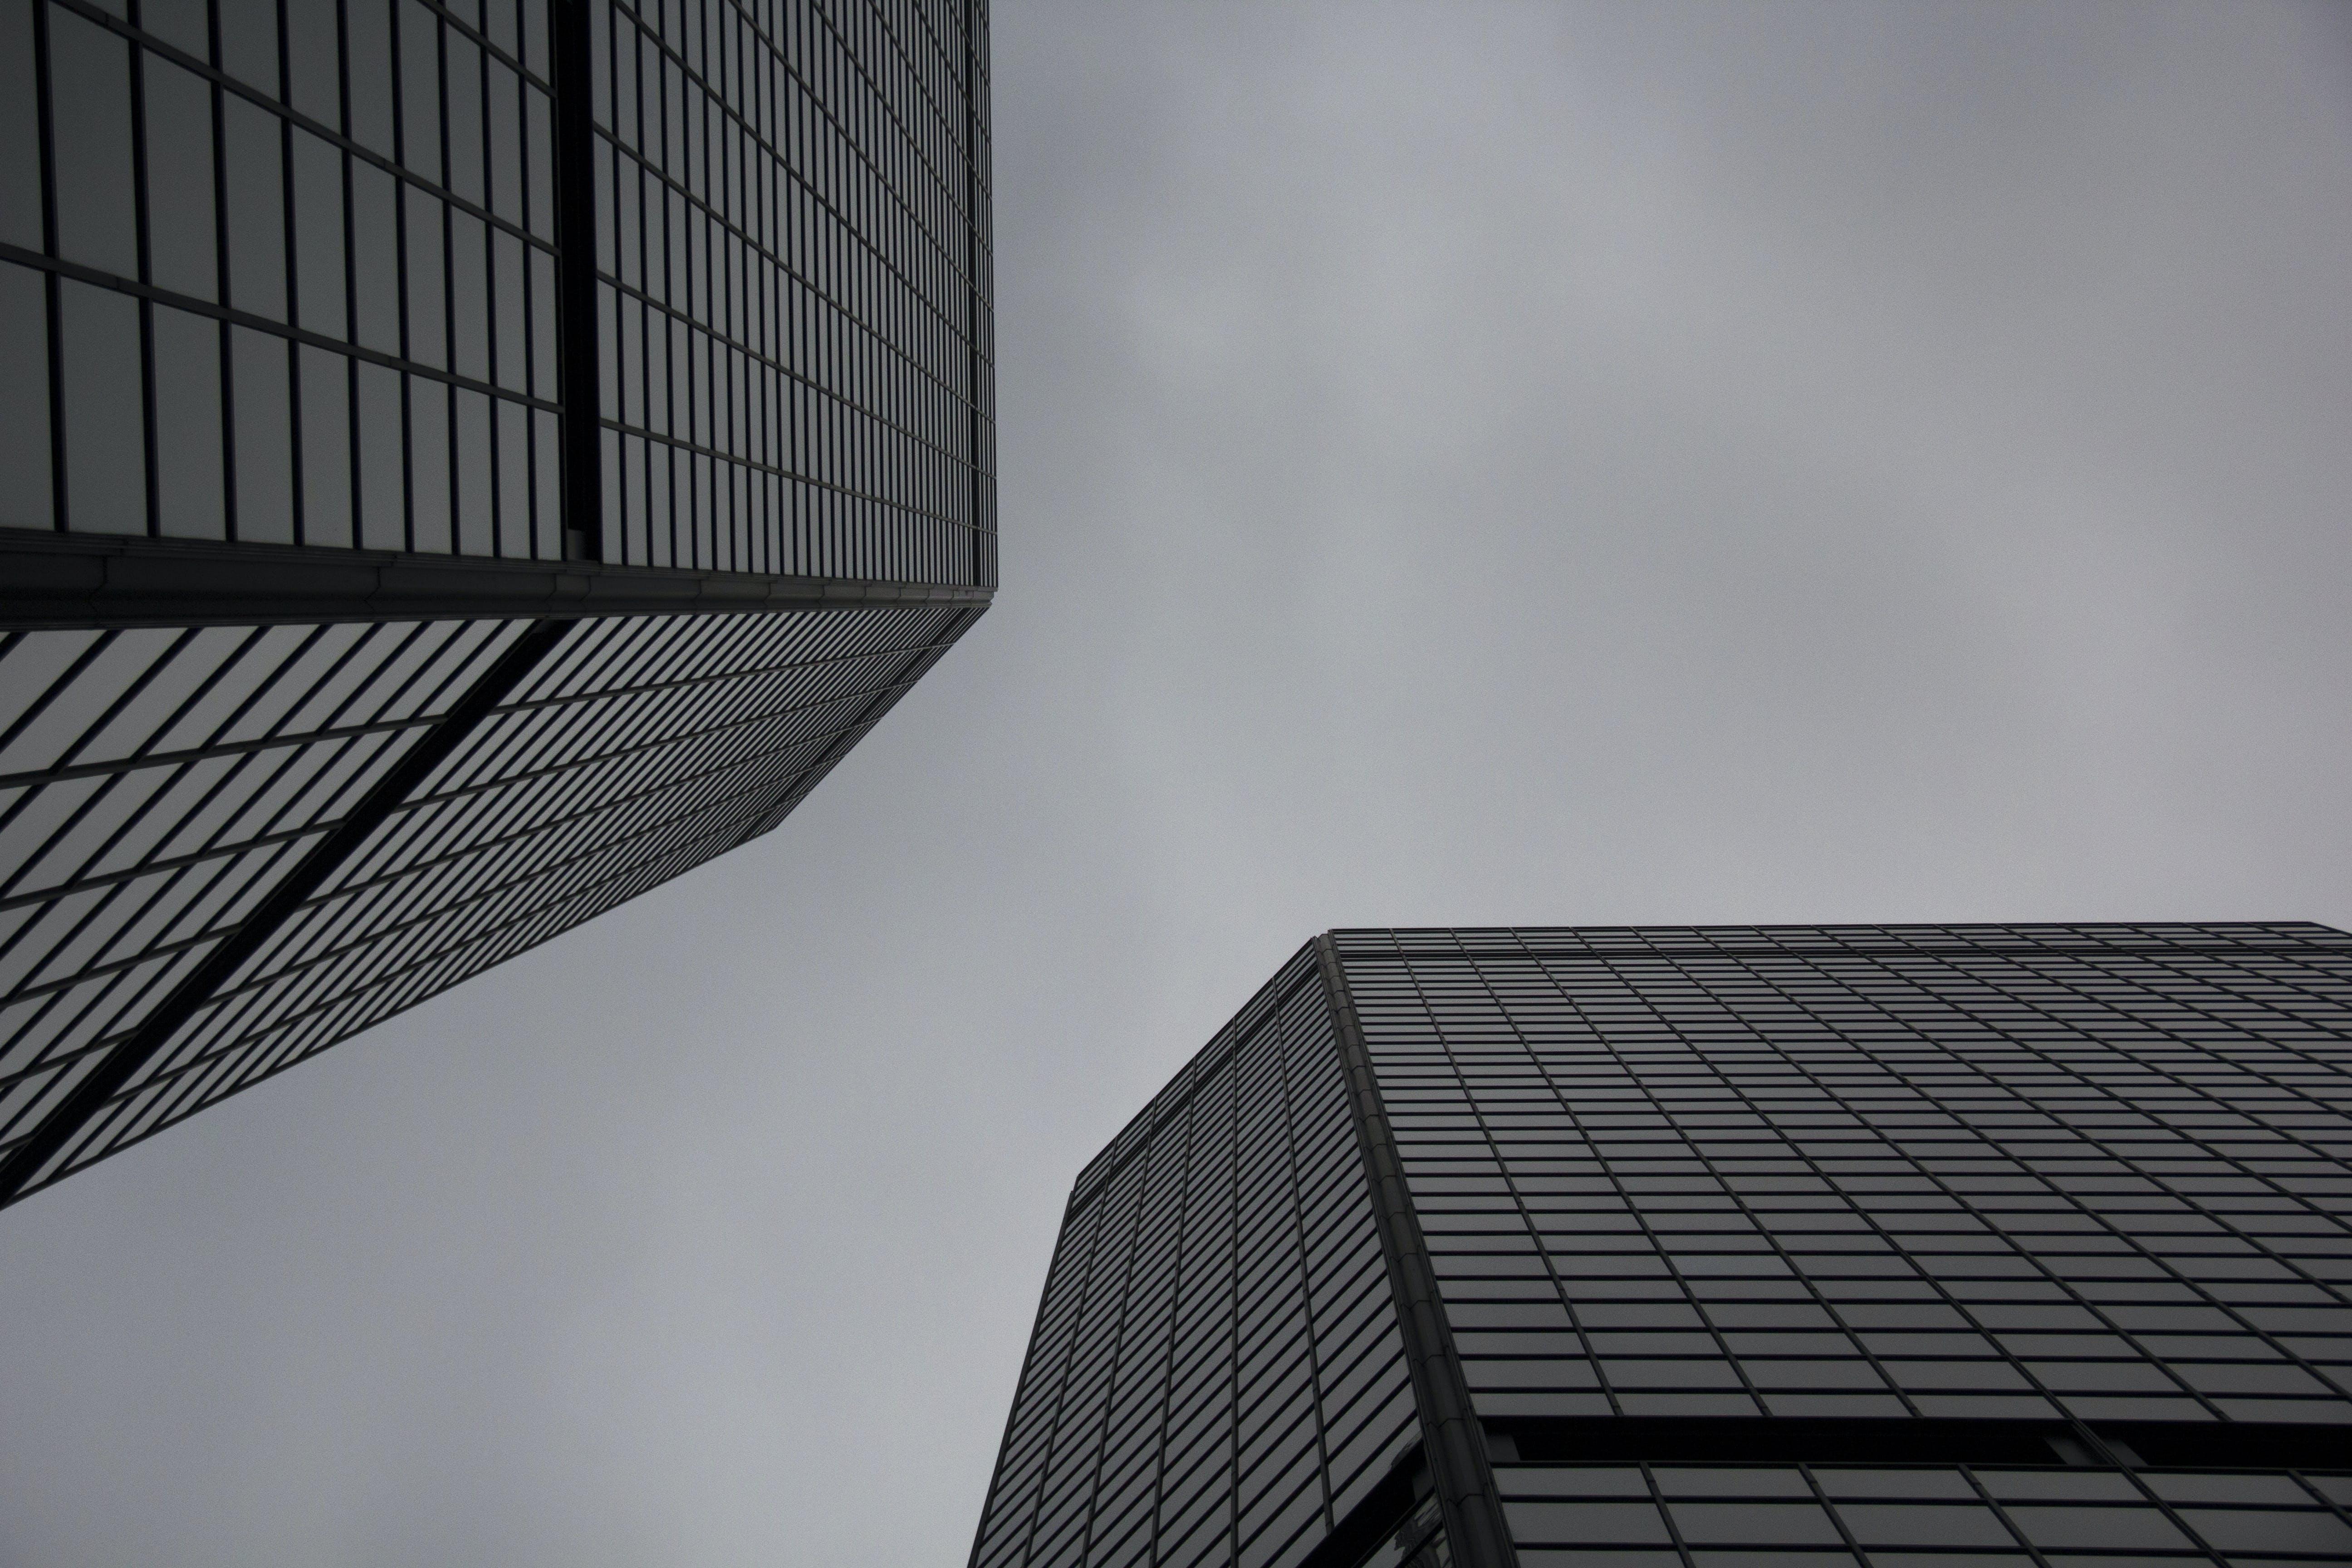 Δωρεάν στοκ φωτογραφιών με αρχιτεκτονική, ασπρόμαυρο, γκρίζος ουρανός, γραφείο